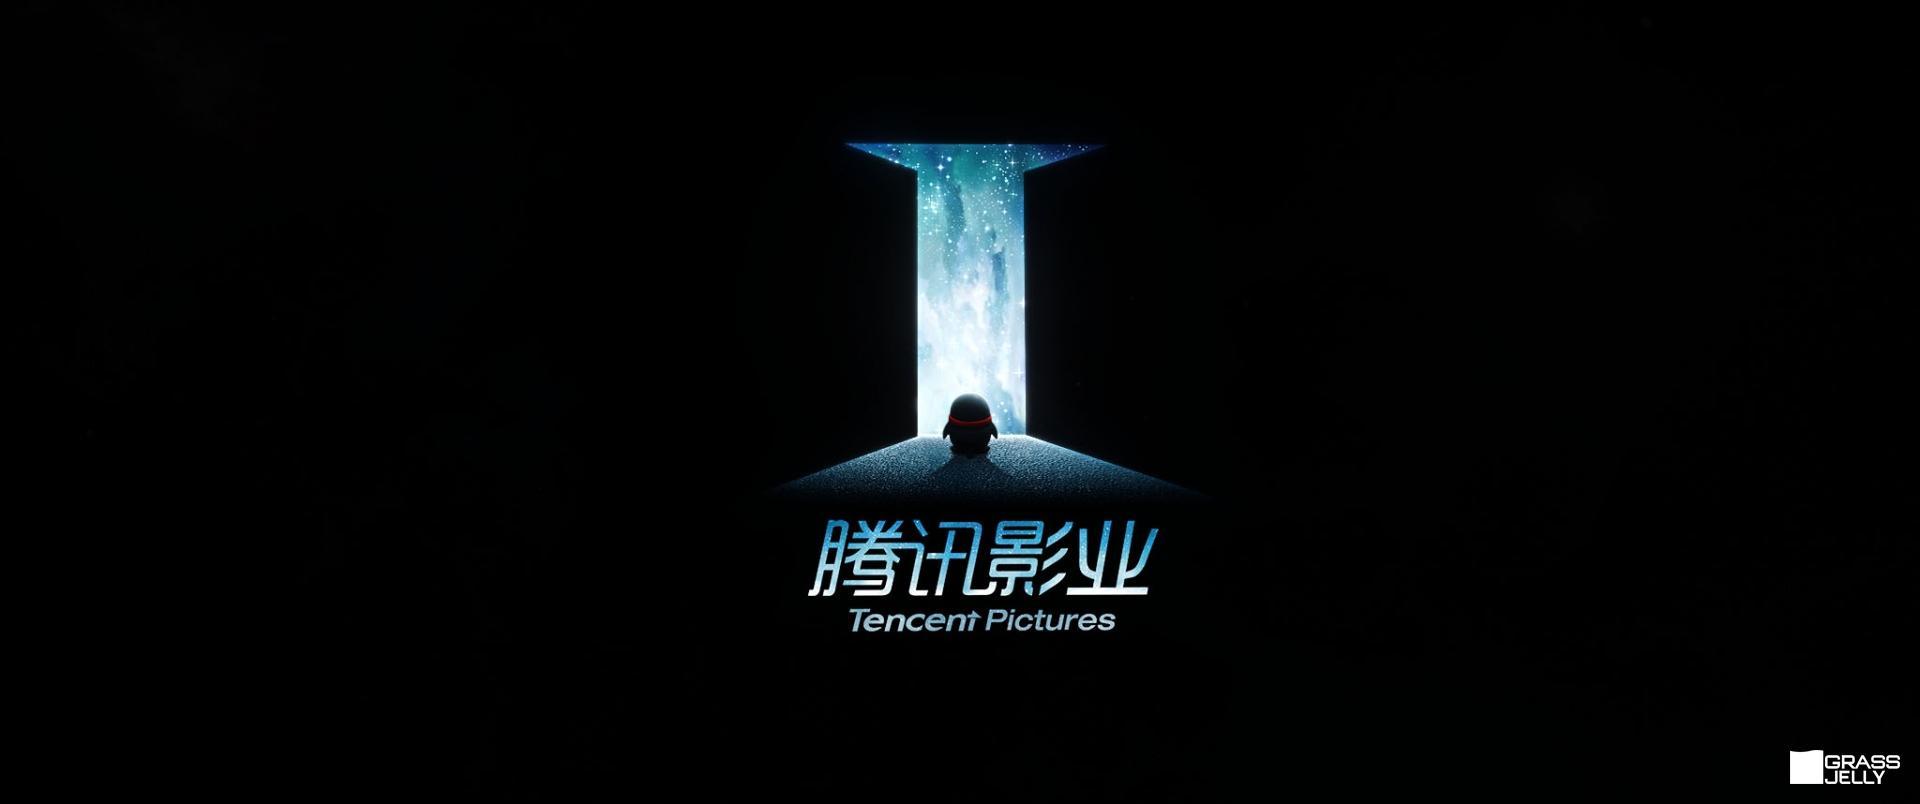 """程武为腾讯影业找来了3个""""实干家"""",还跟郭敬明和传奇影业把酒言欢"""